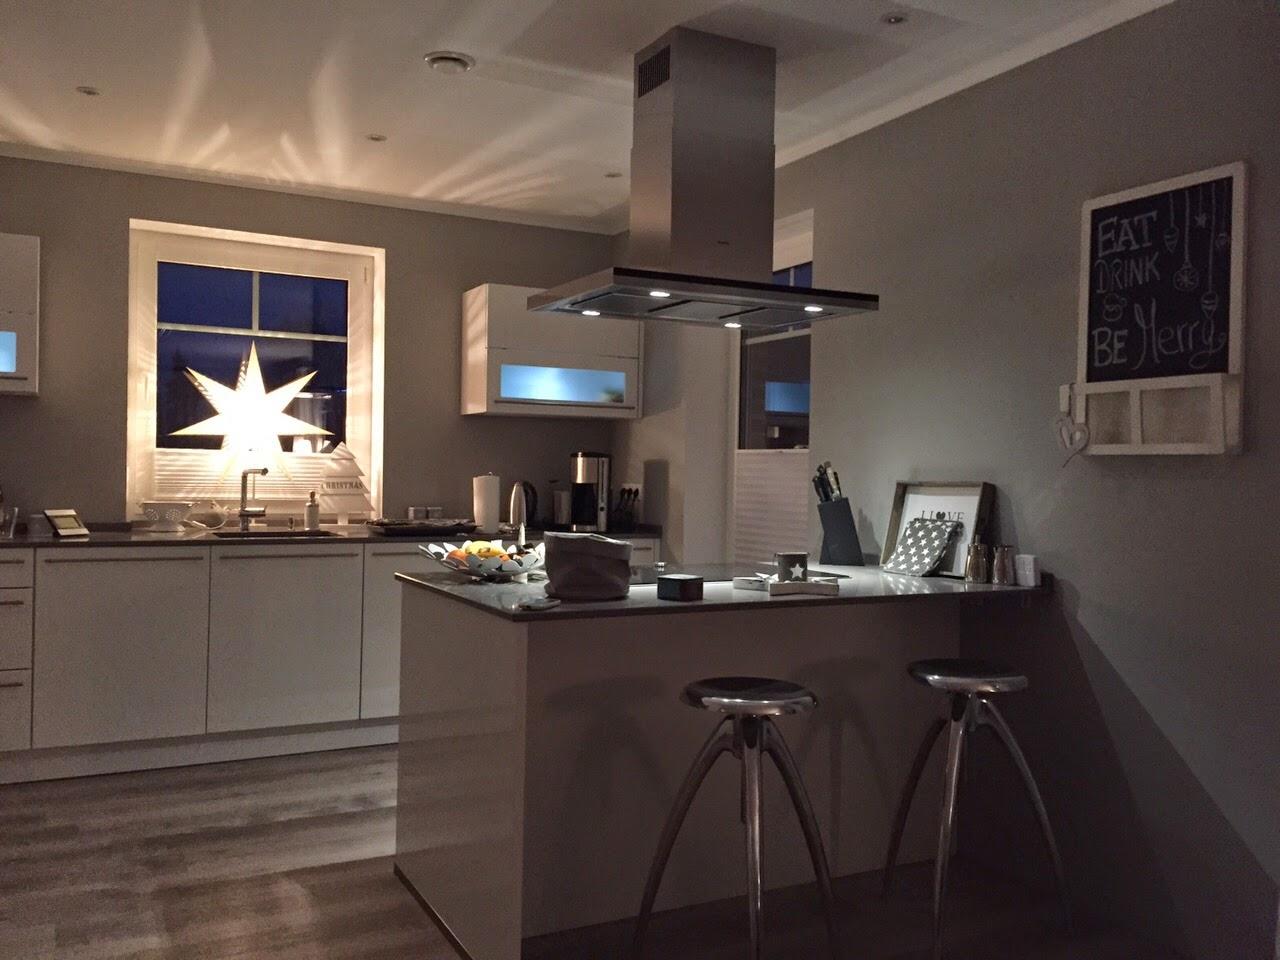 abenteuer hausbau in der heide wir haben eine k che. Black Bedroom Furniture Sets. Home Design Ideas